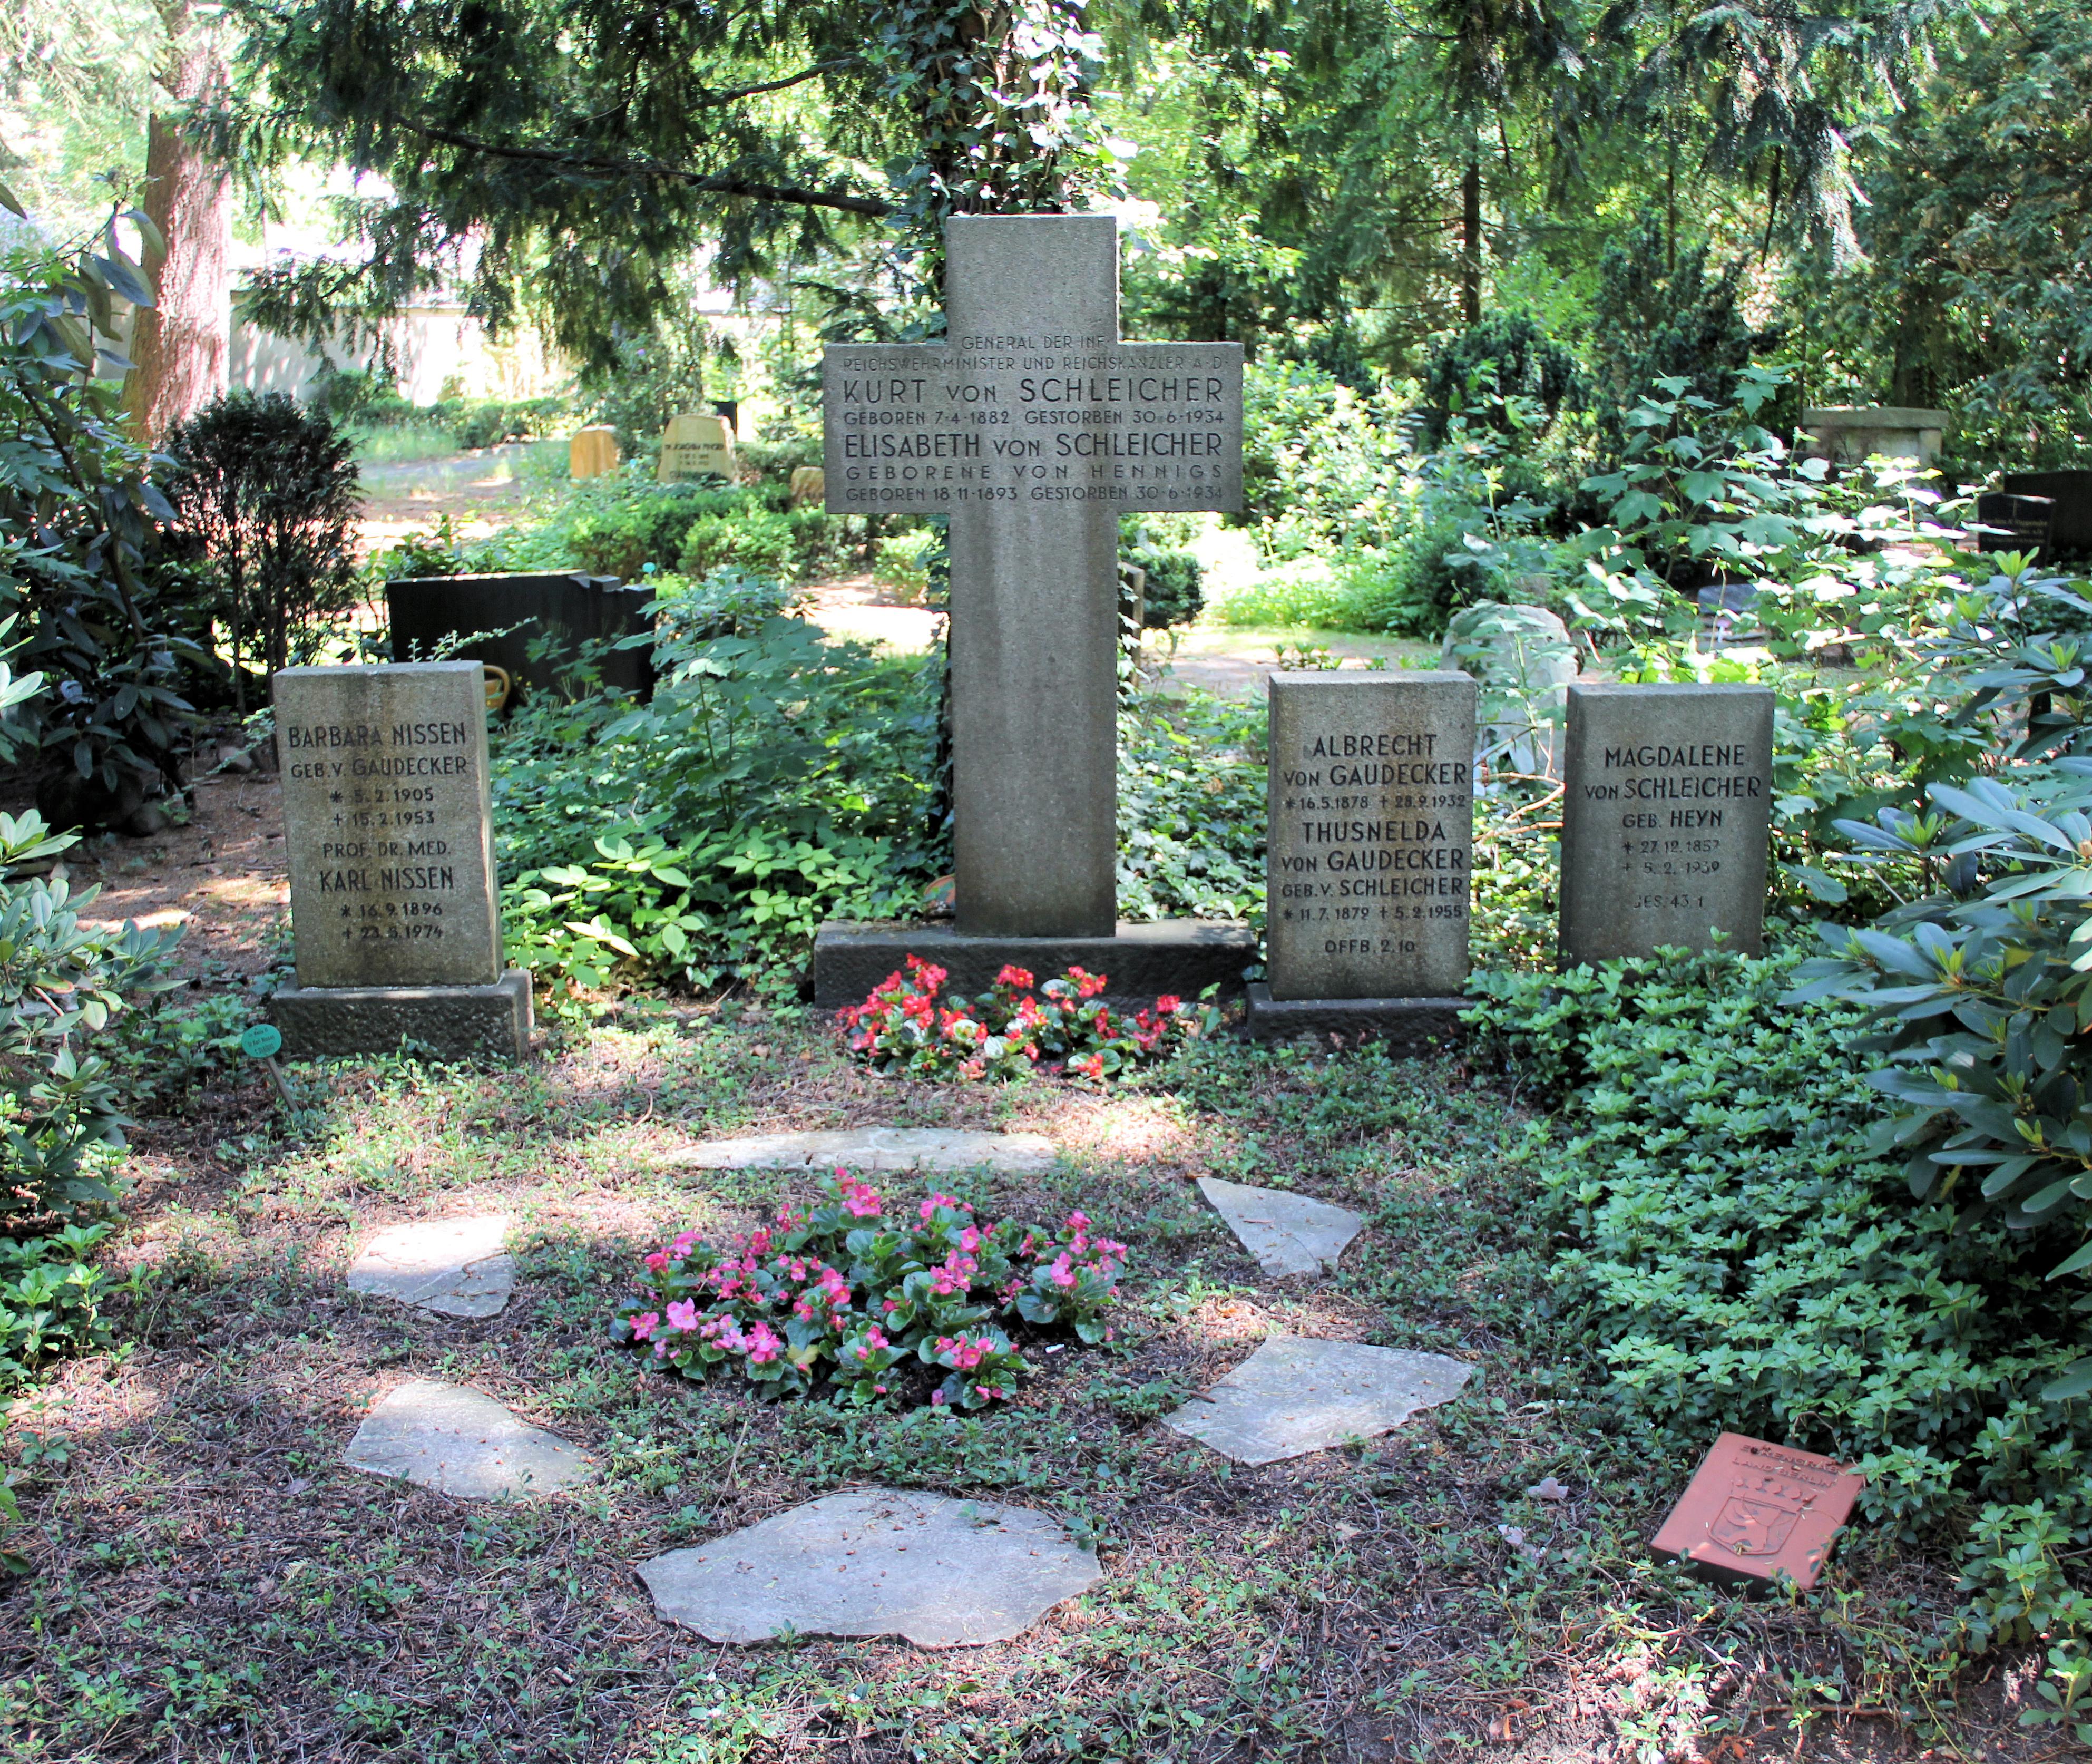 Ehrengrab auf dem Parkfriedhof Lichterfelde in Berlin-Lichterfelde